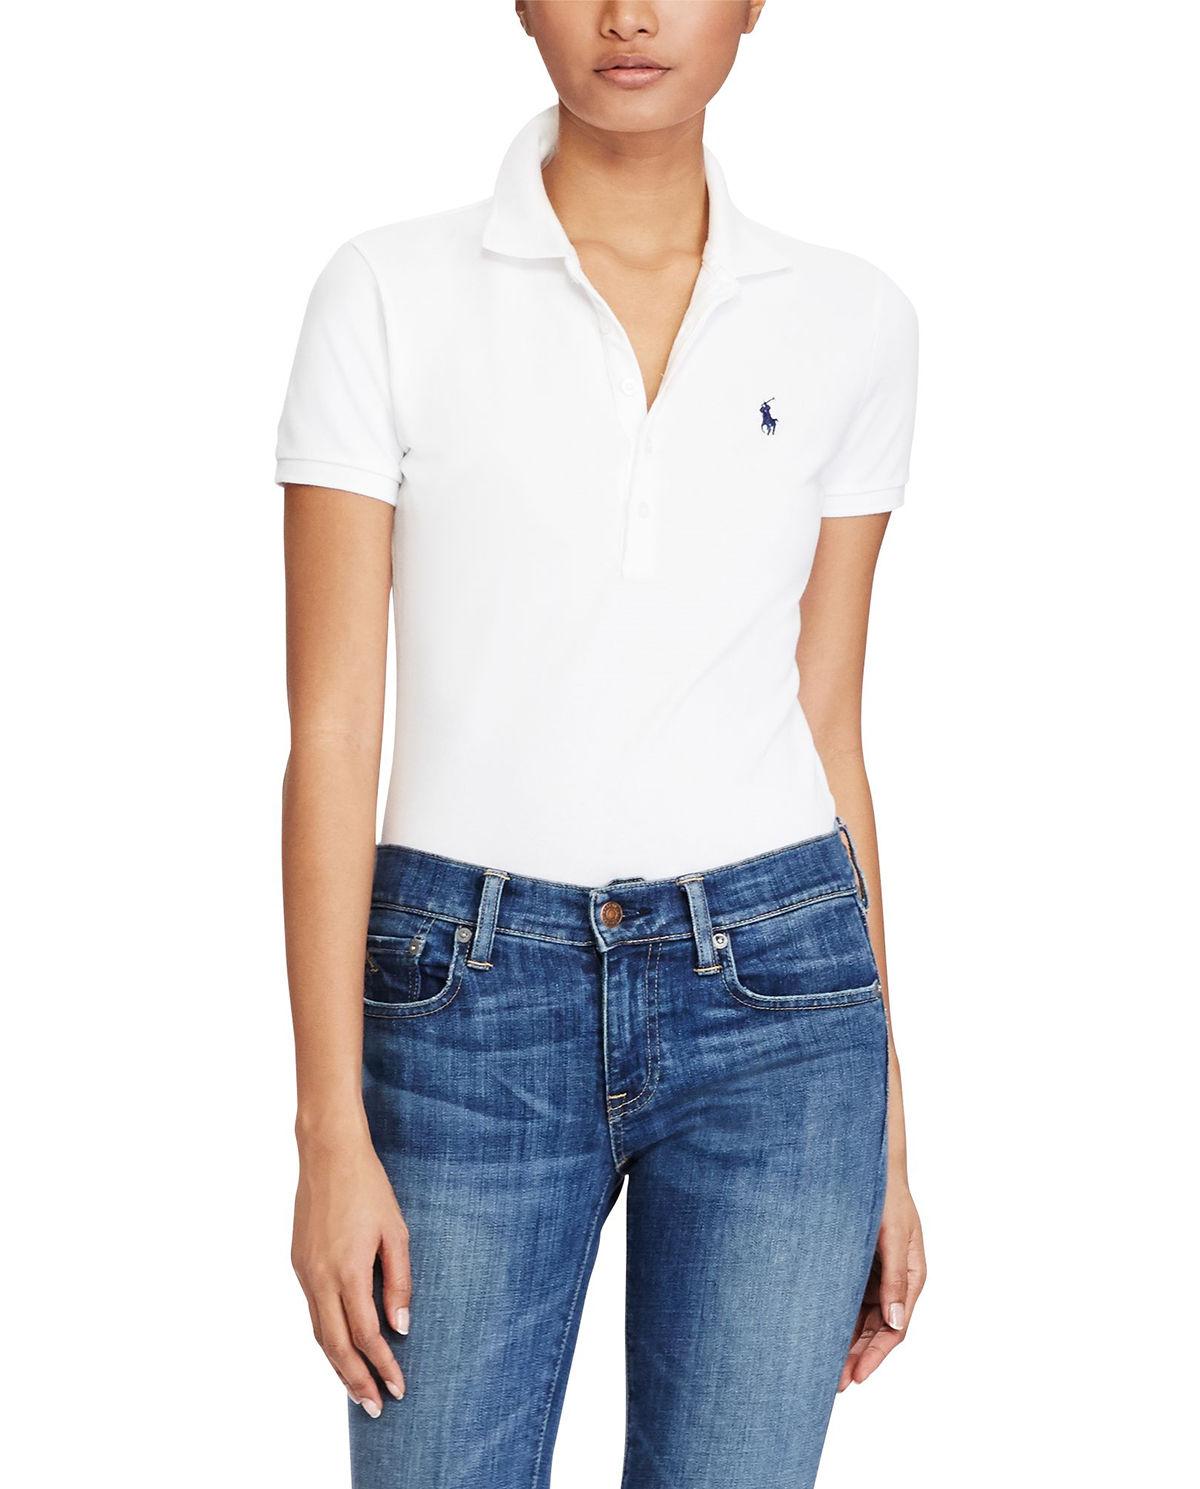 Koszulka polo RALPH LAUREN – Kup Teraz! Najlepsze ceny i opinie! Sklep  PlacTrzechKrzyzy.com b4d9c84b79